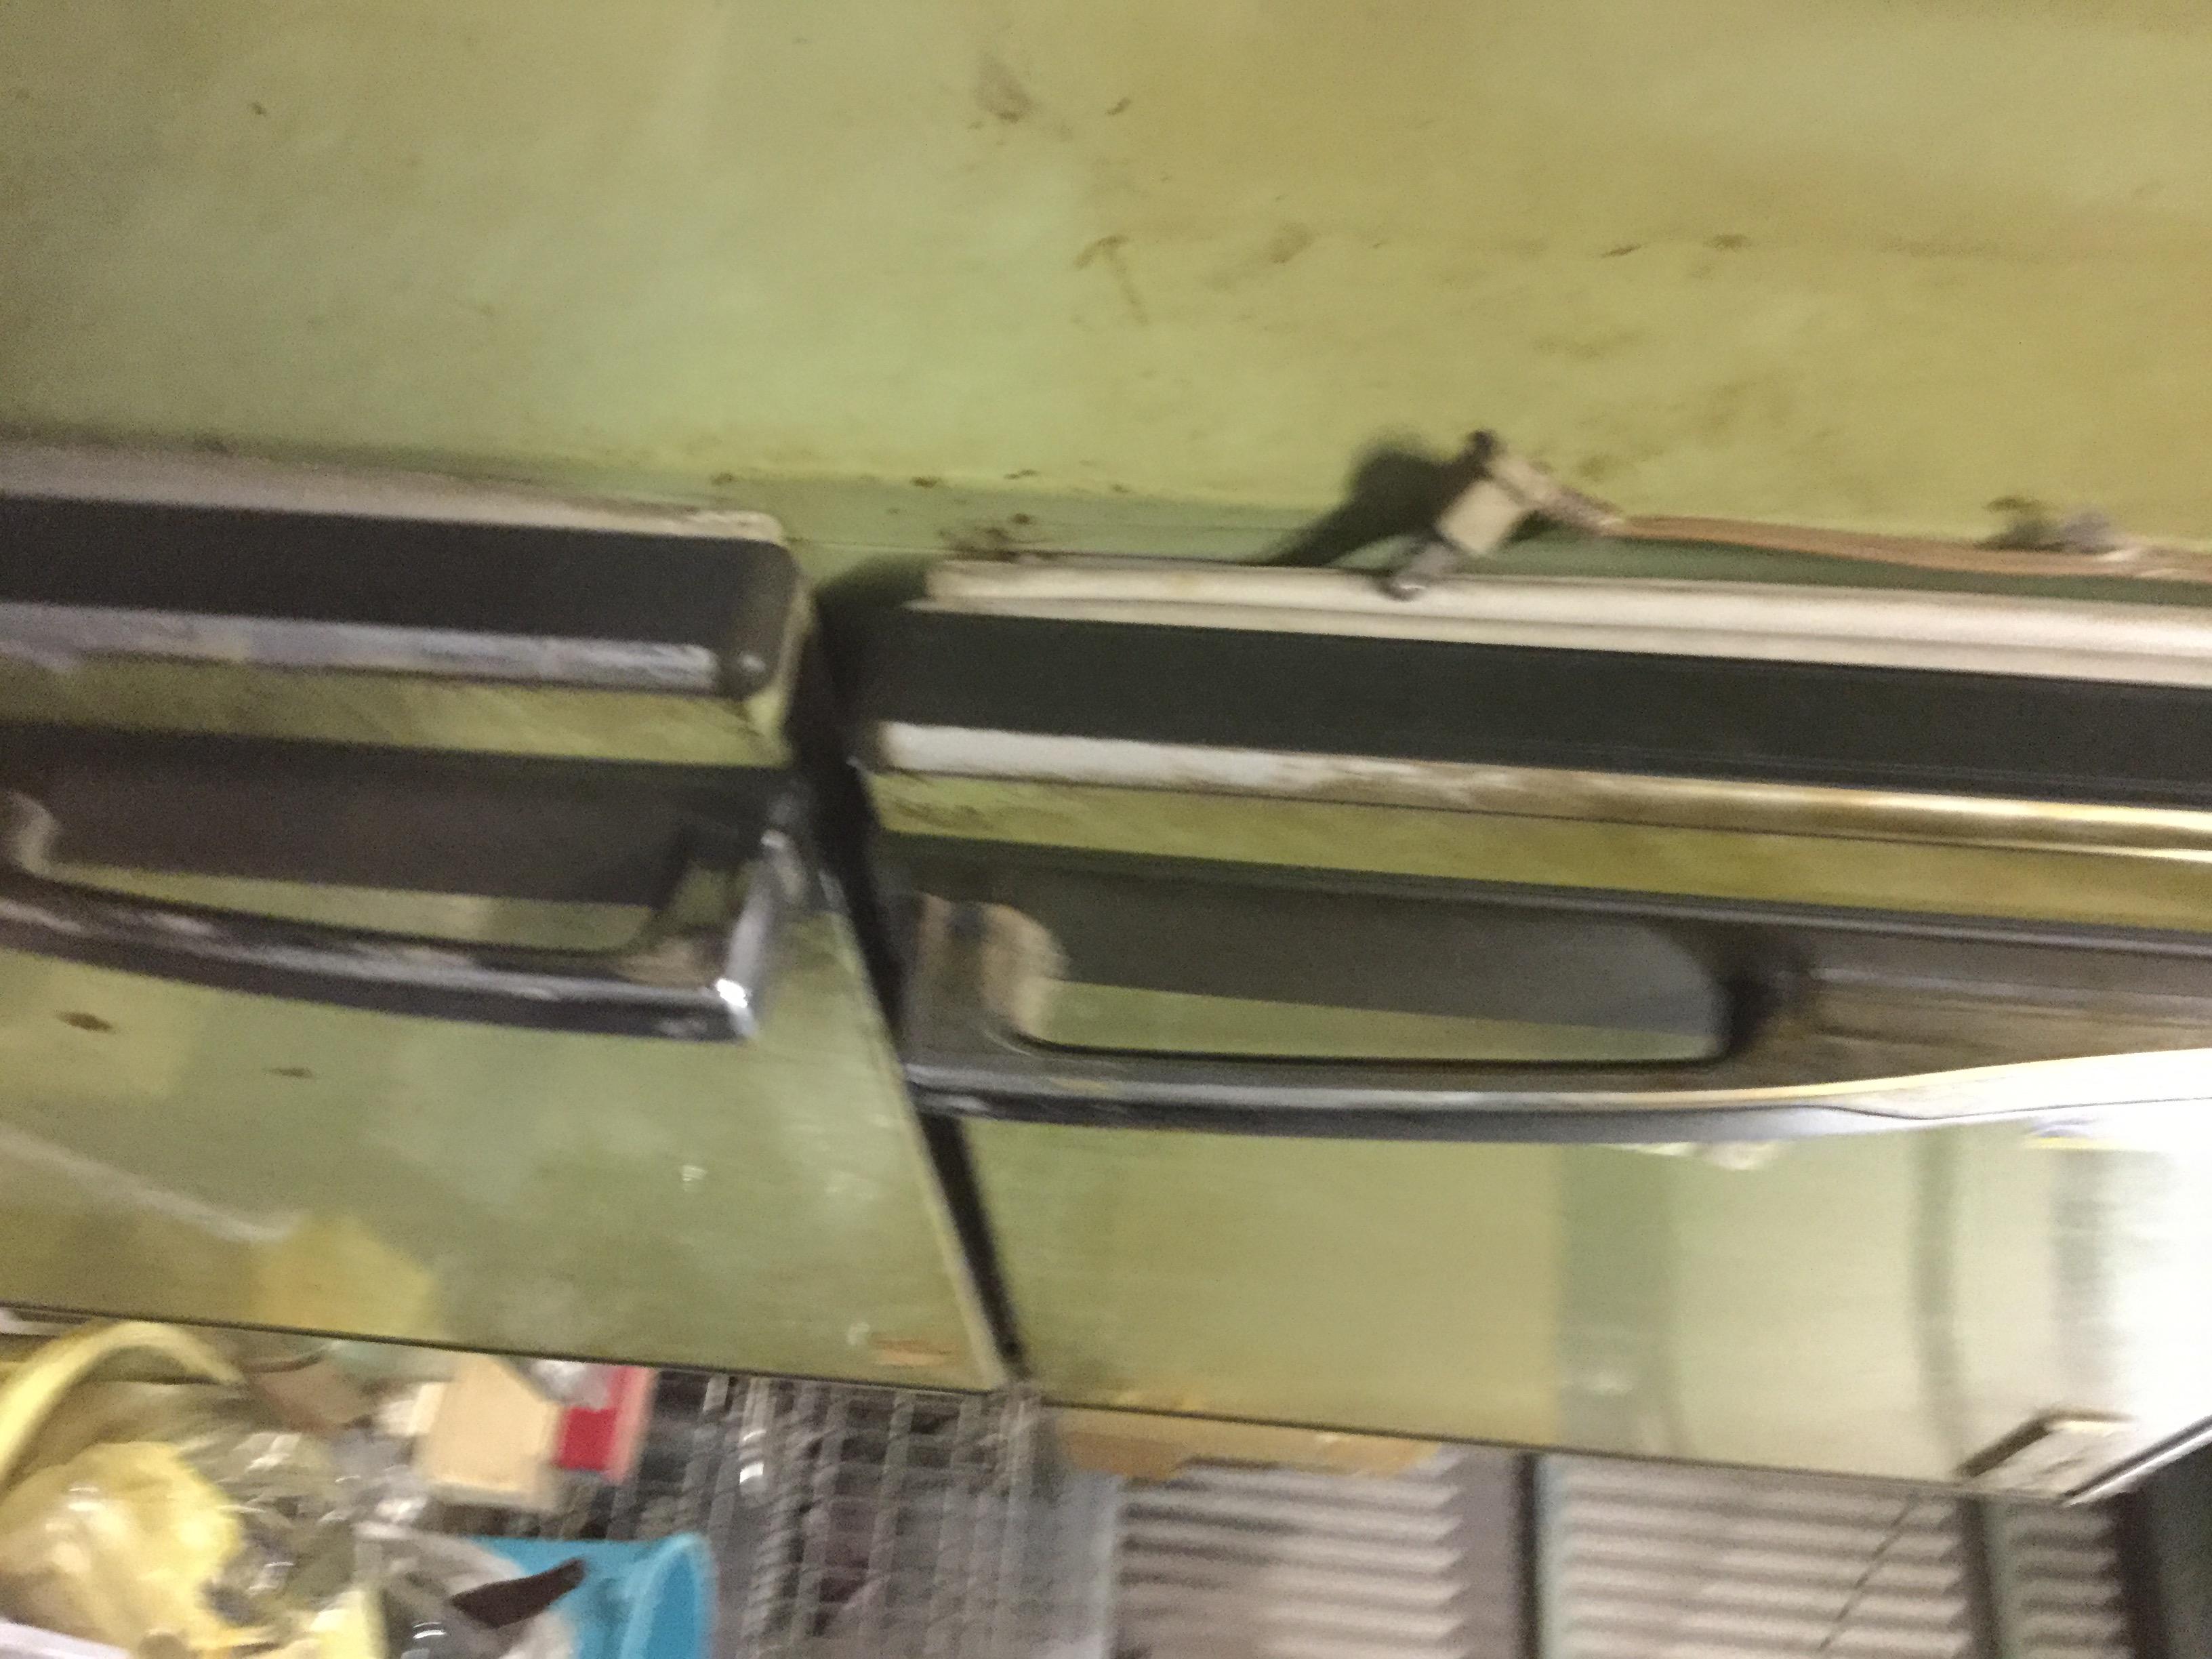 福山市幕山台付近で回収した冷蔵庫